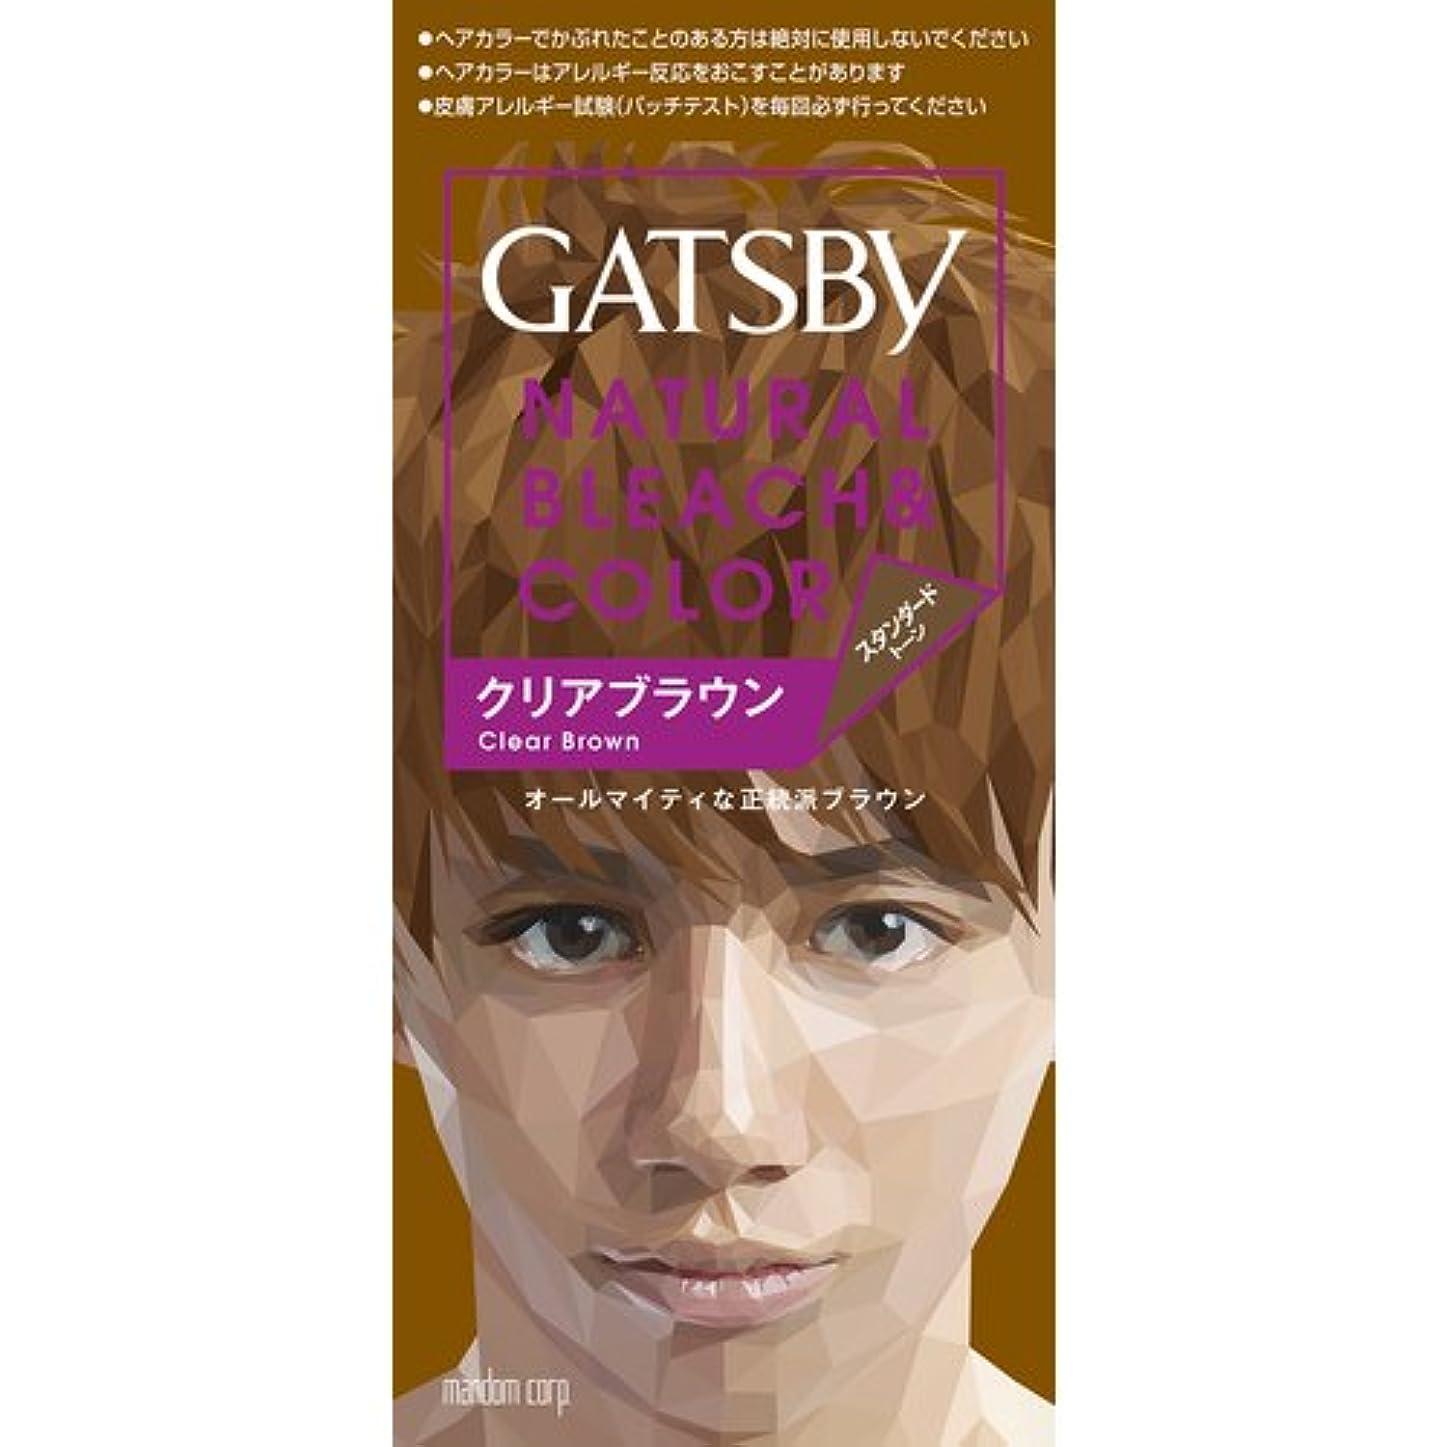 に関してあさりパイプラインギャツビー(GATSBY) ナチュラルブリーチカラー クリアブラウン 35g+70ml [医薬部外品]